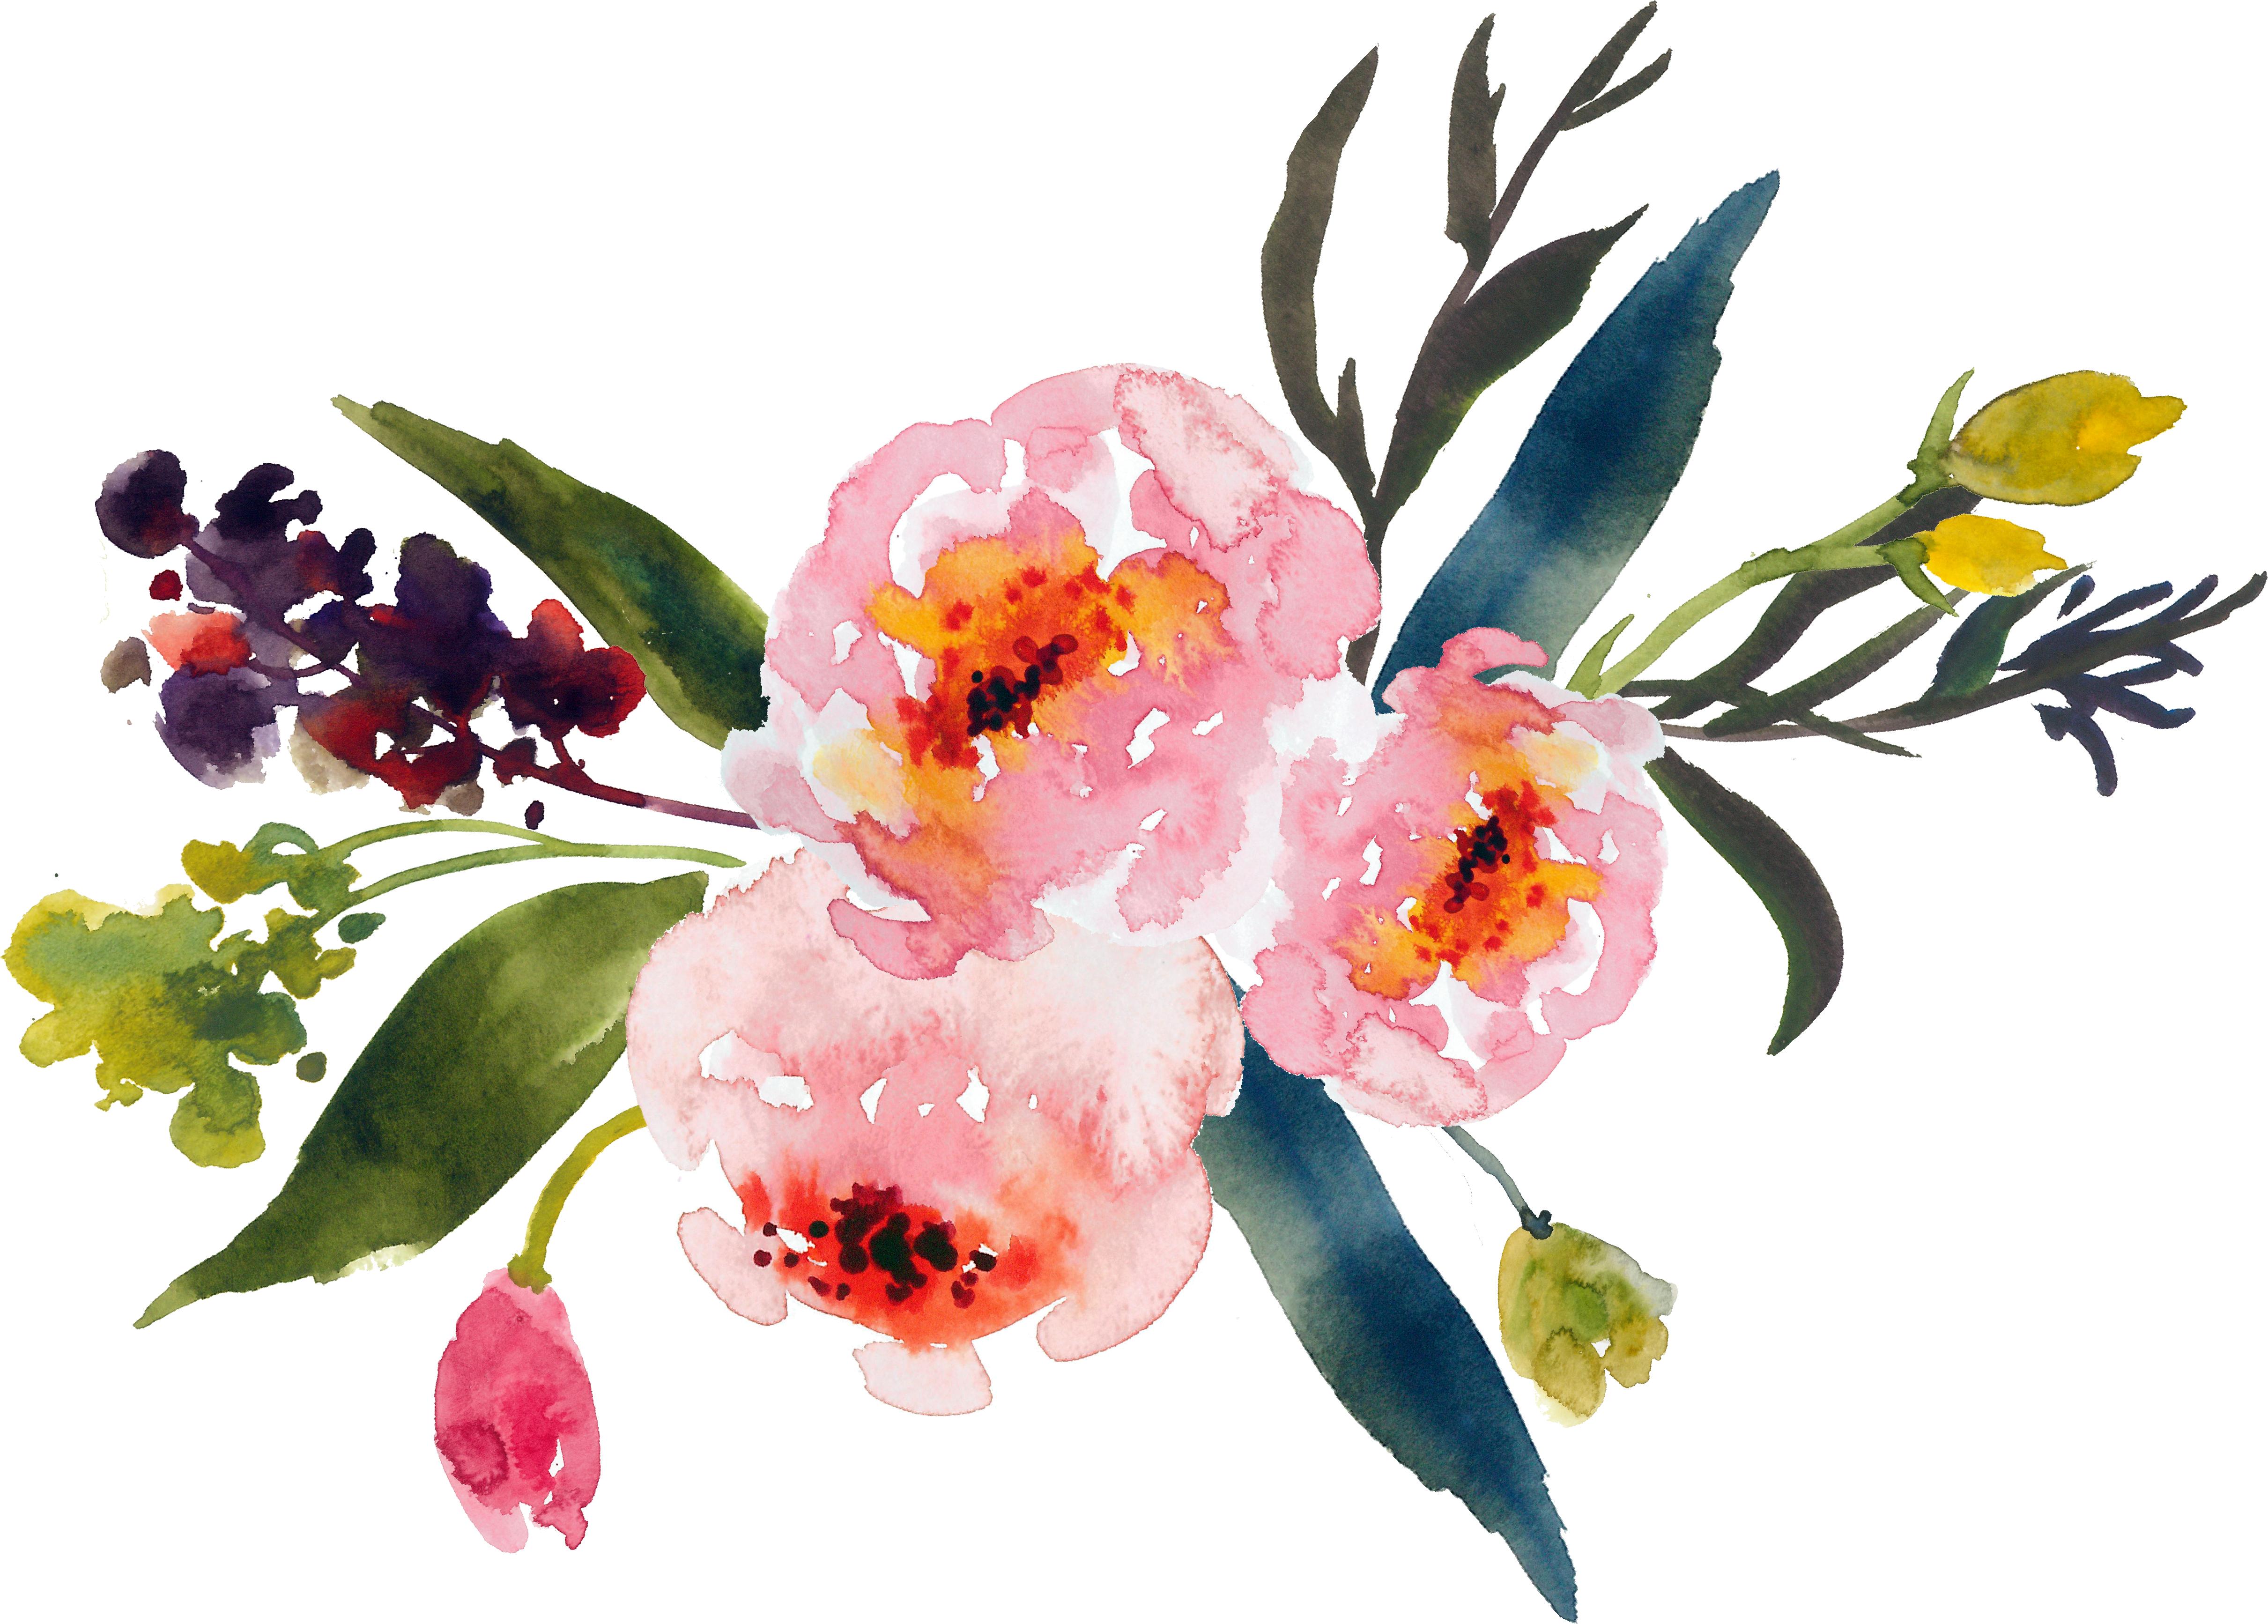 Watercolor flower clipart png transparent download Flower bouquet Watercolor painting Clip art - watercolor flower 4842 ... png transparent download